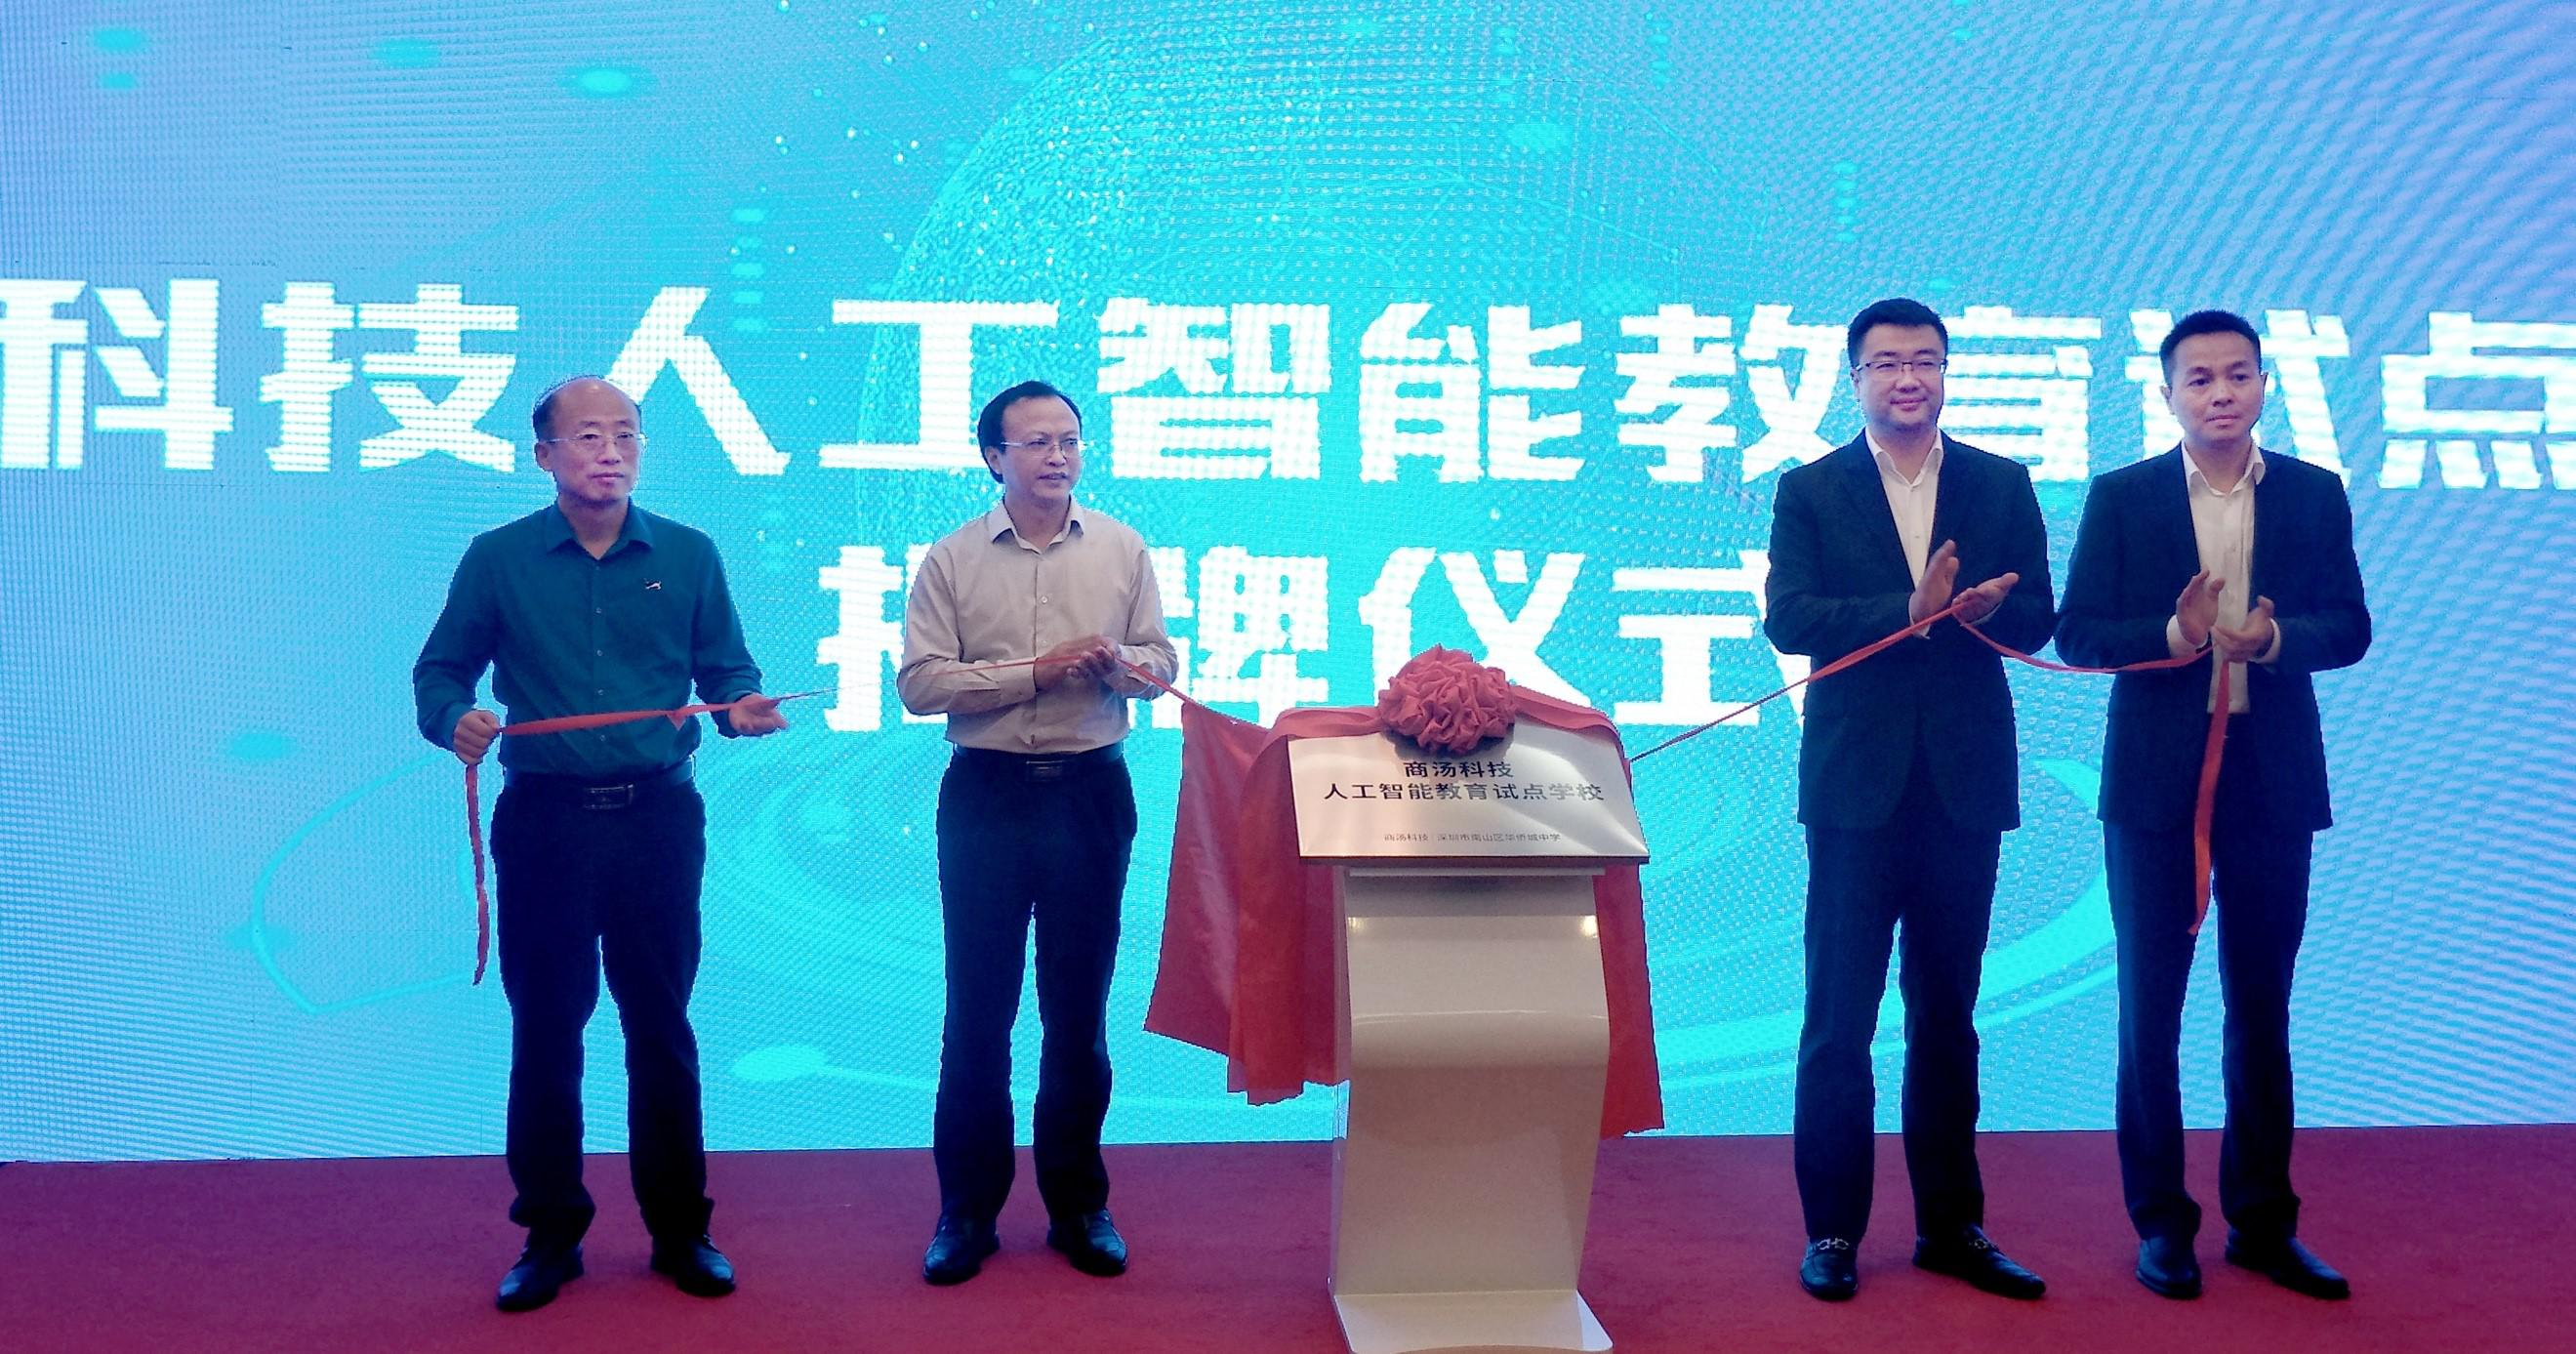 商汤科技在深圳落地人工智能教育试点学校